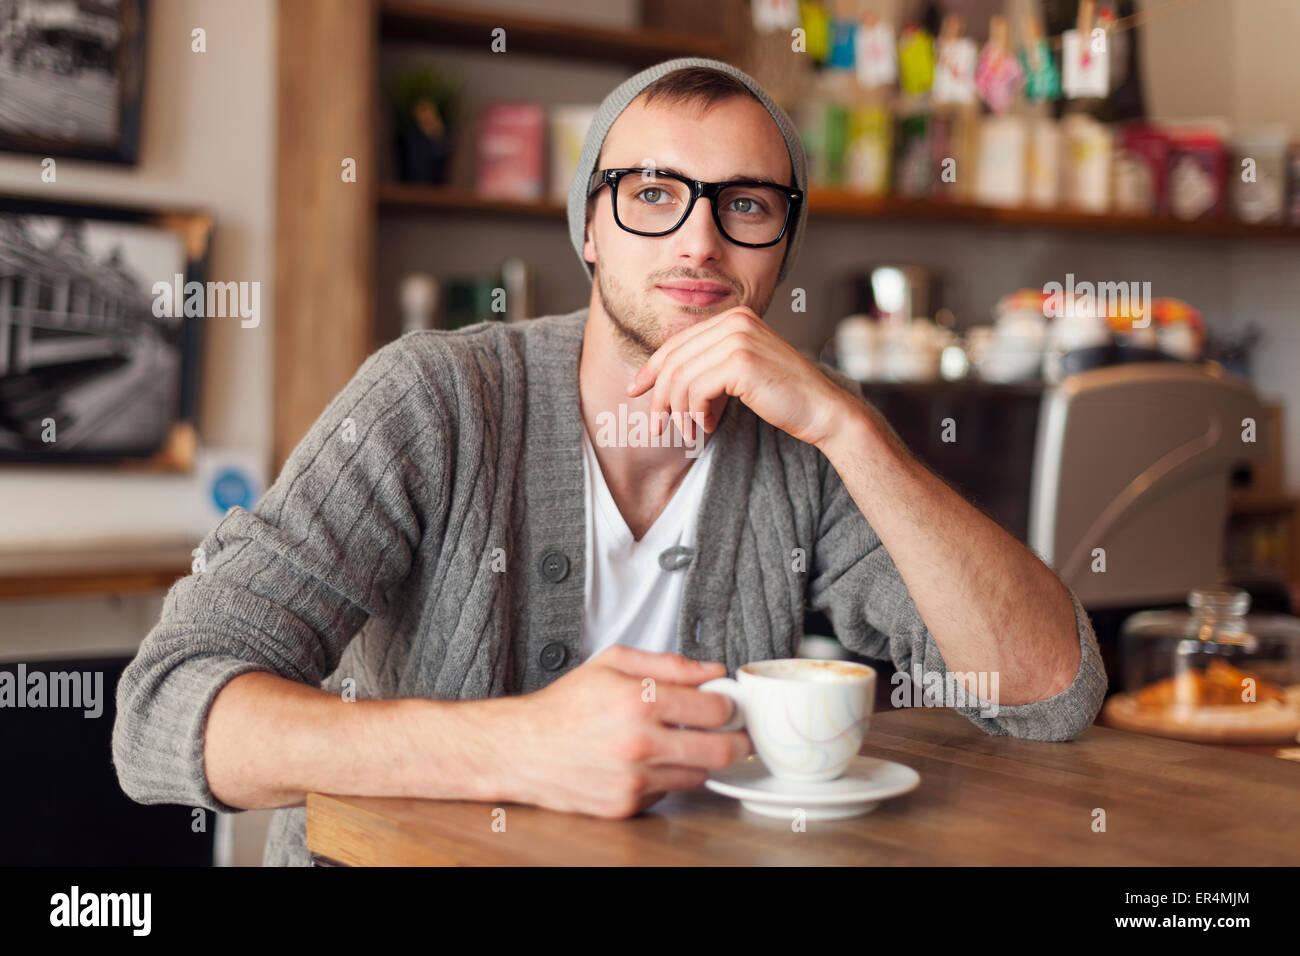 Portrait de l'homme élégant au café. Cracovie, Pologne Photo Stock